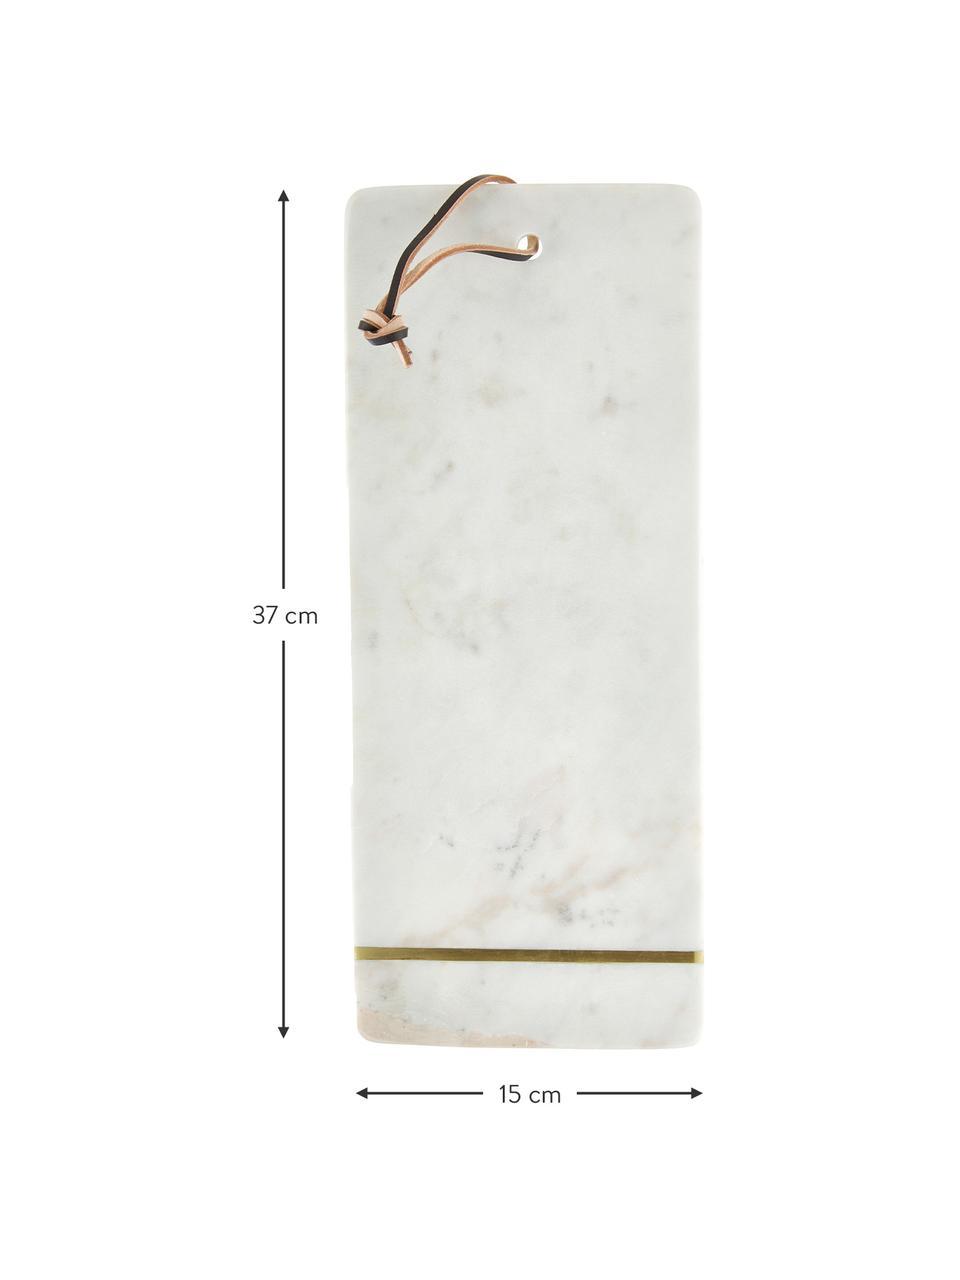 Tagliere in marmo Strip, 37x15 cm, Bianco, dorato, Lung. 37 x Larg. 15 cm